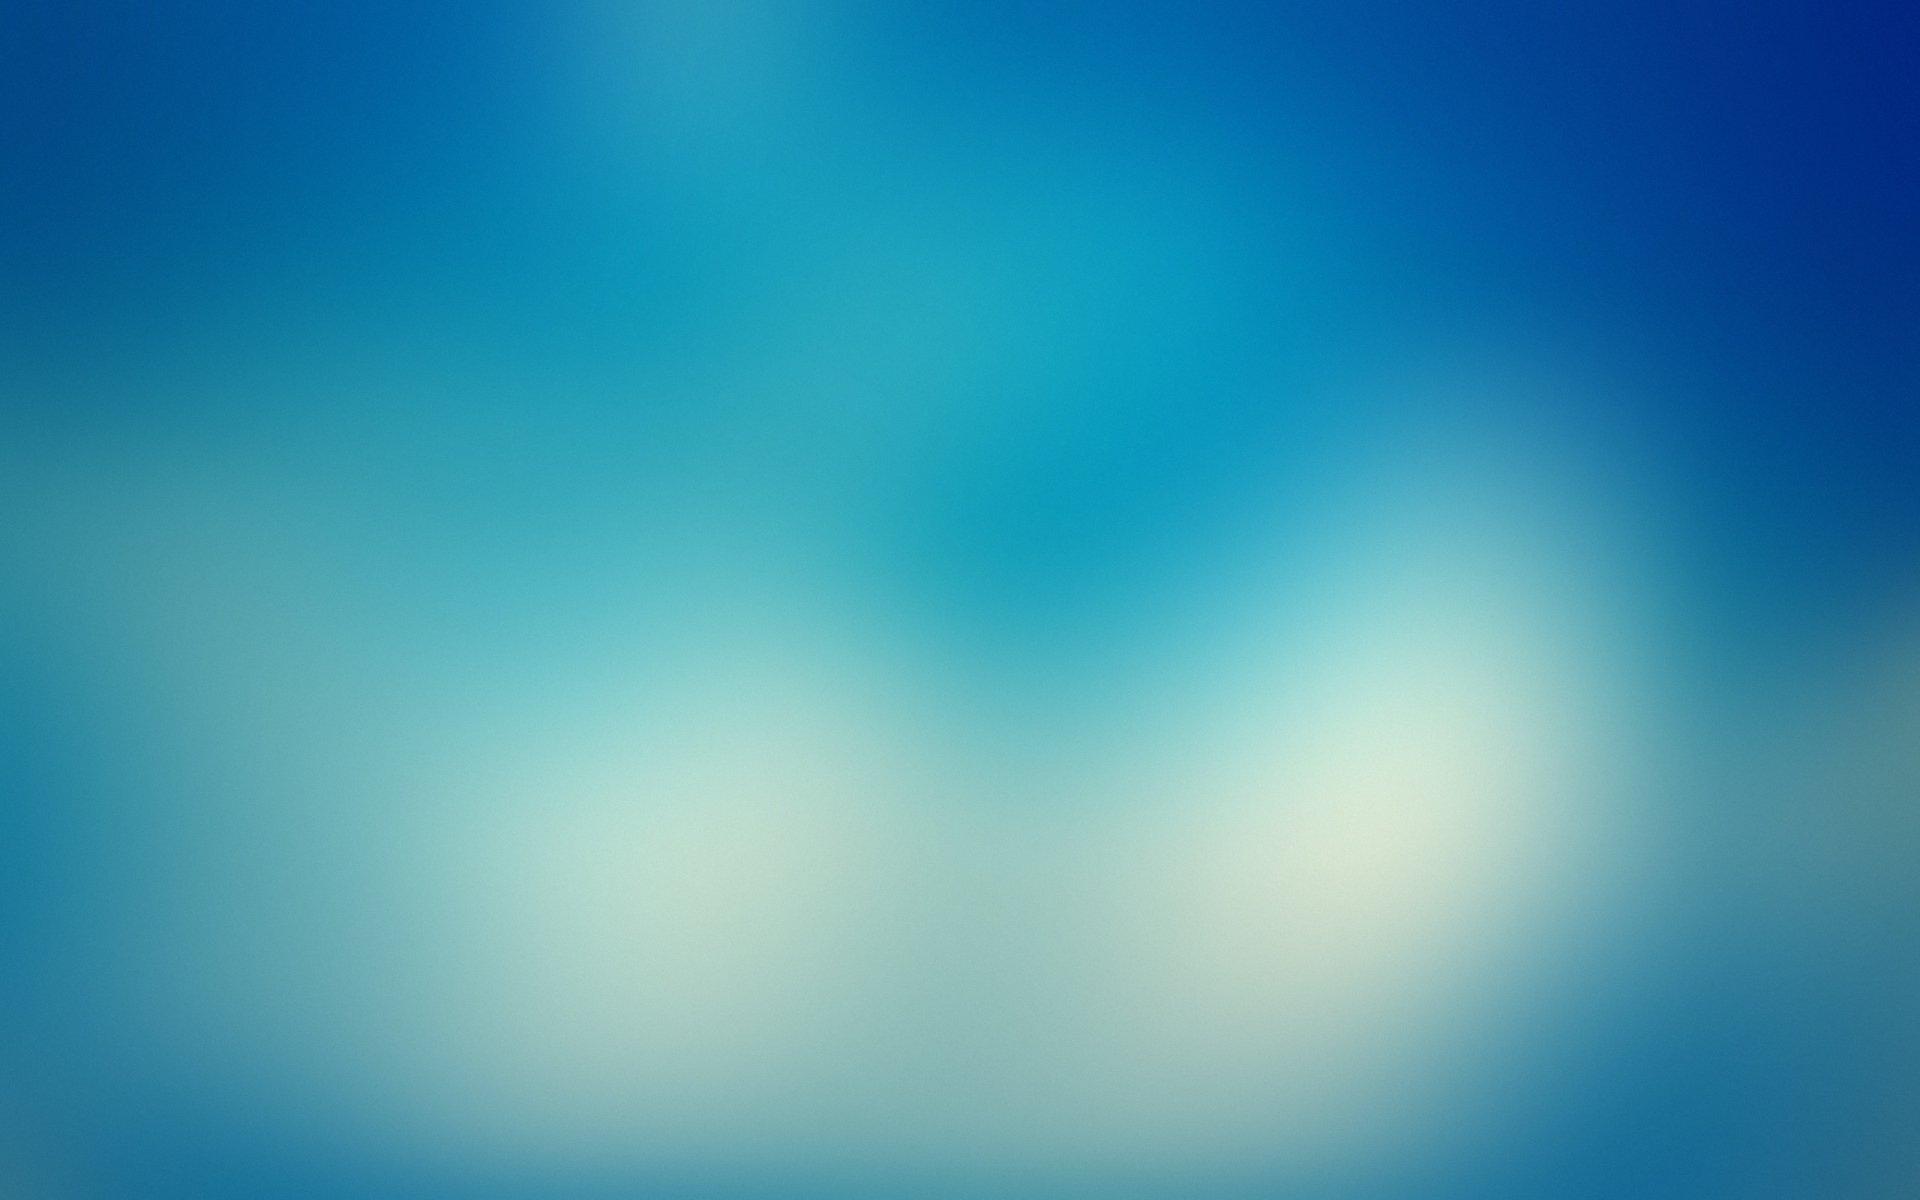 Слайдер - син фон